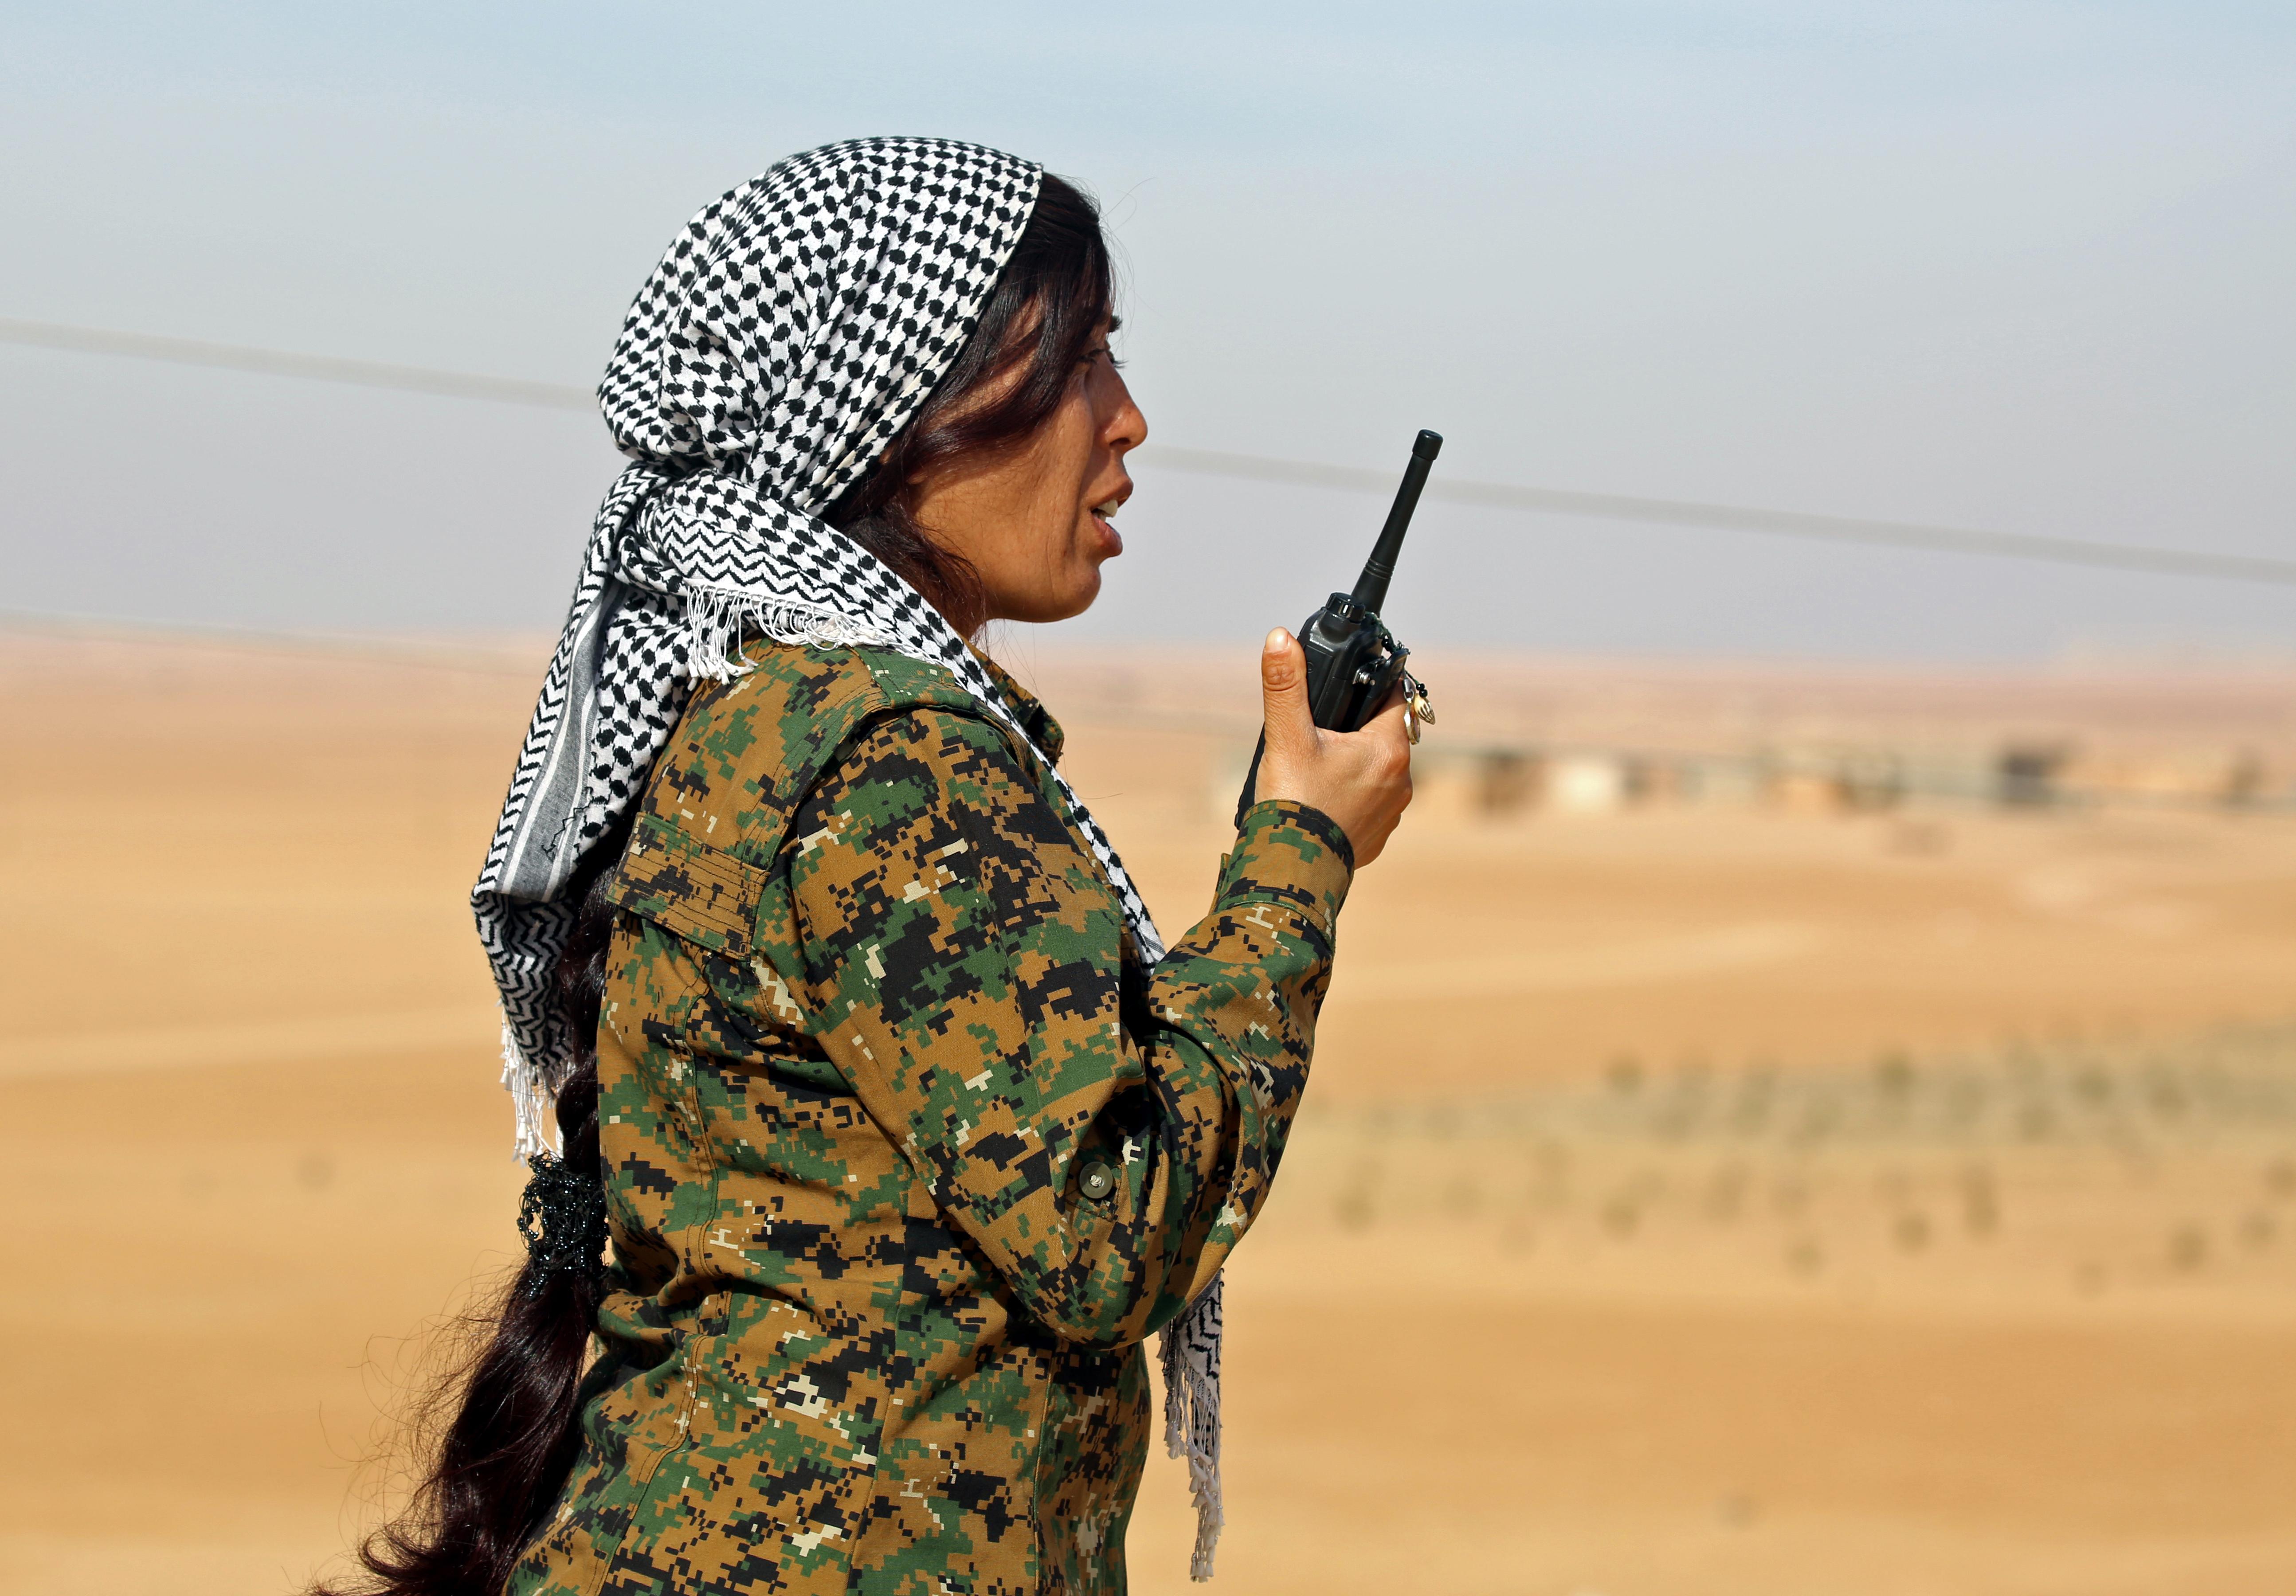 مقاتلة كردية تتحدث عبر جهاز اللاسلكي